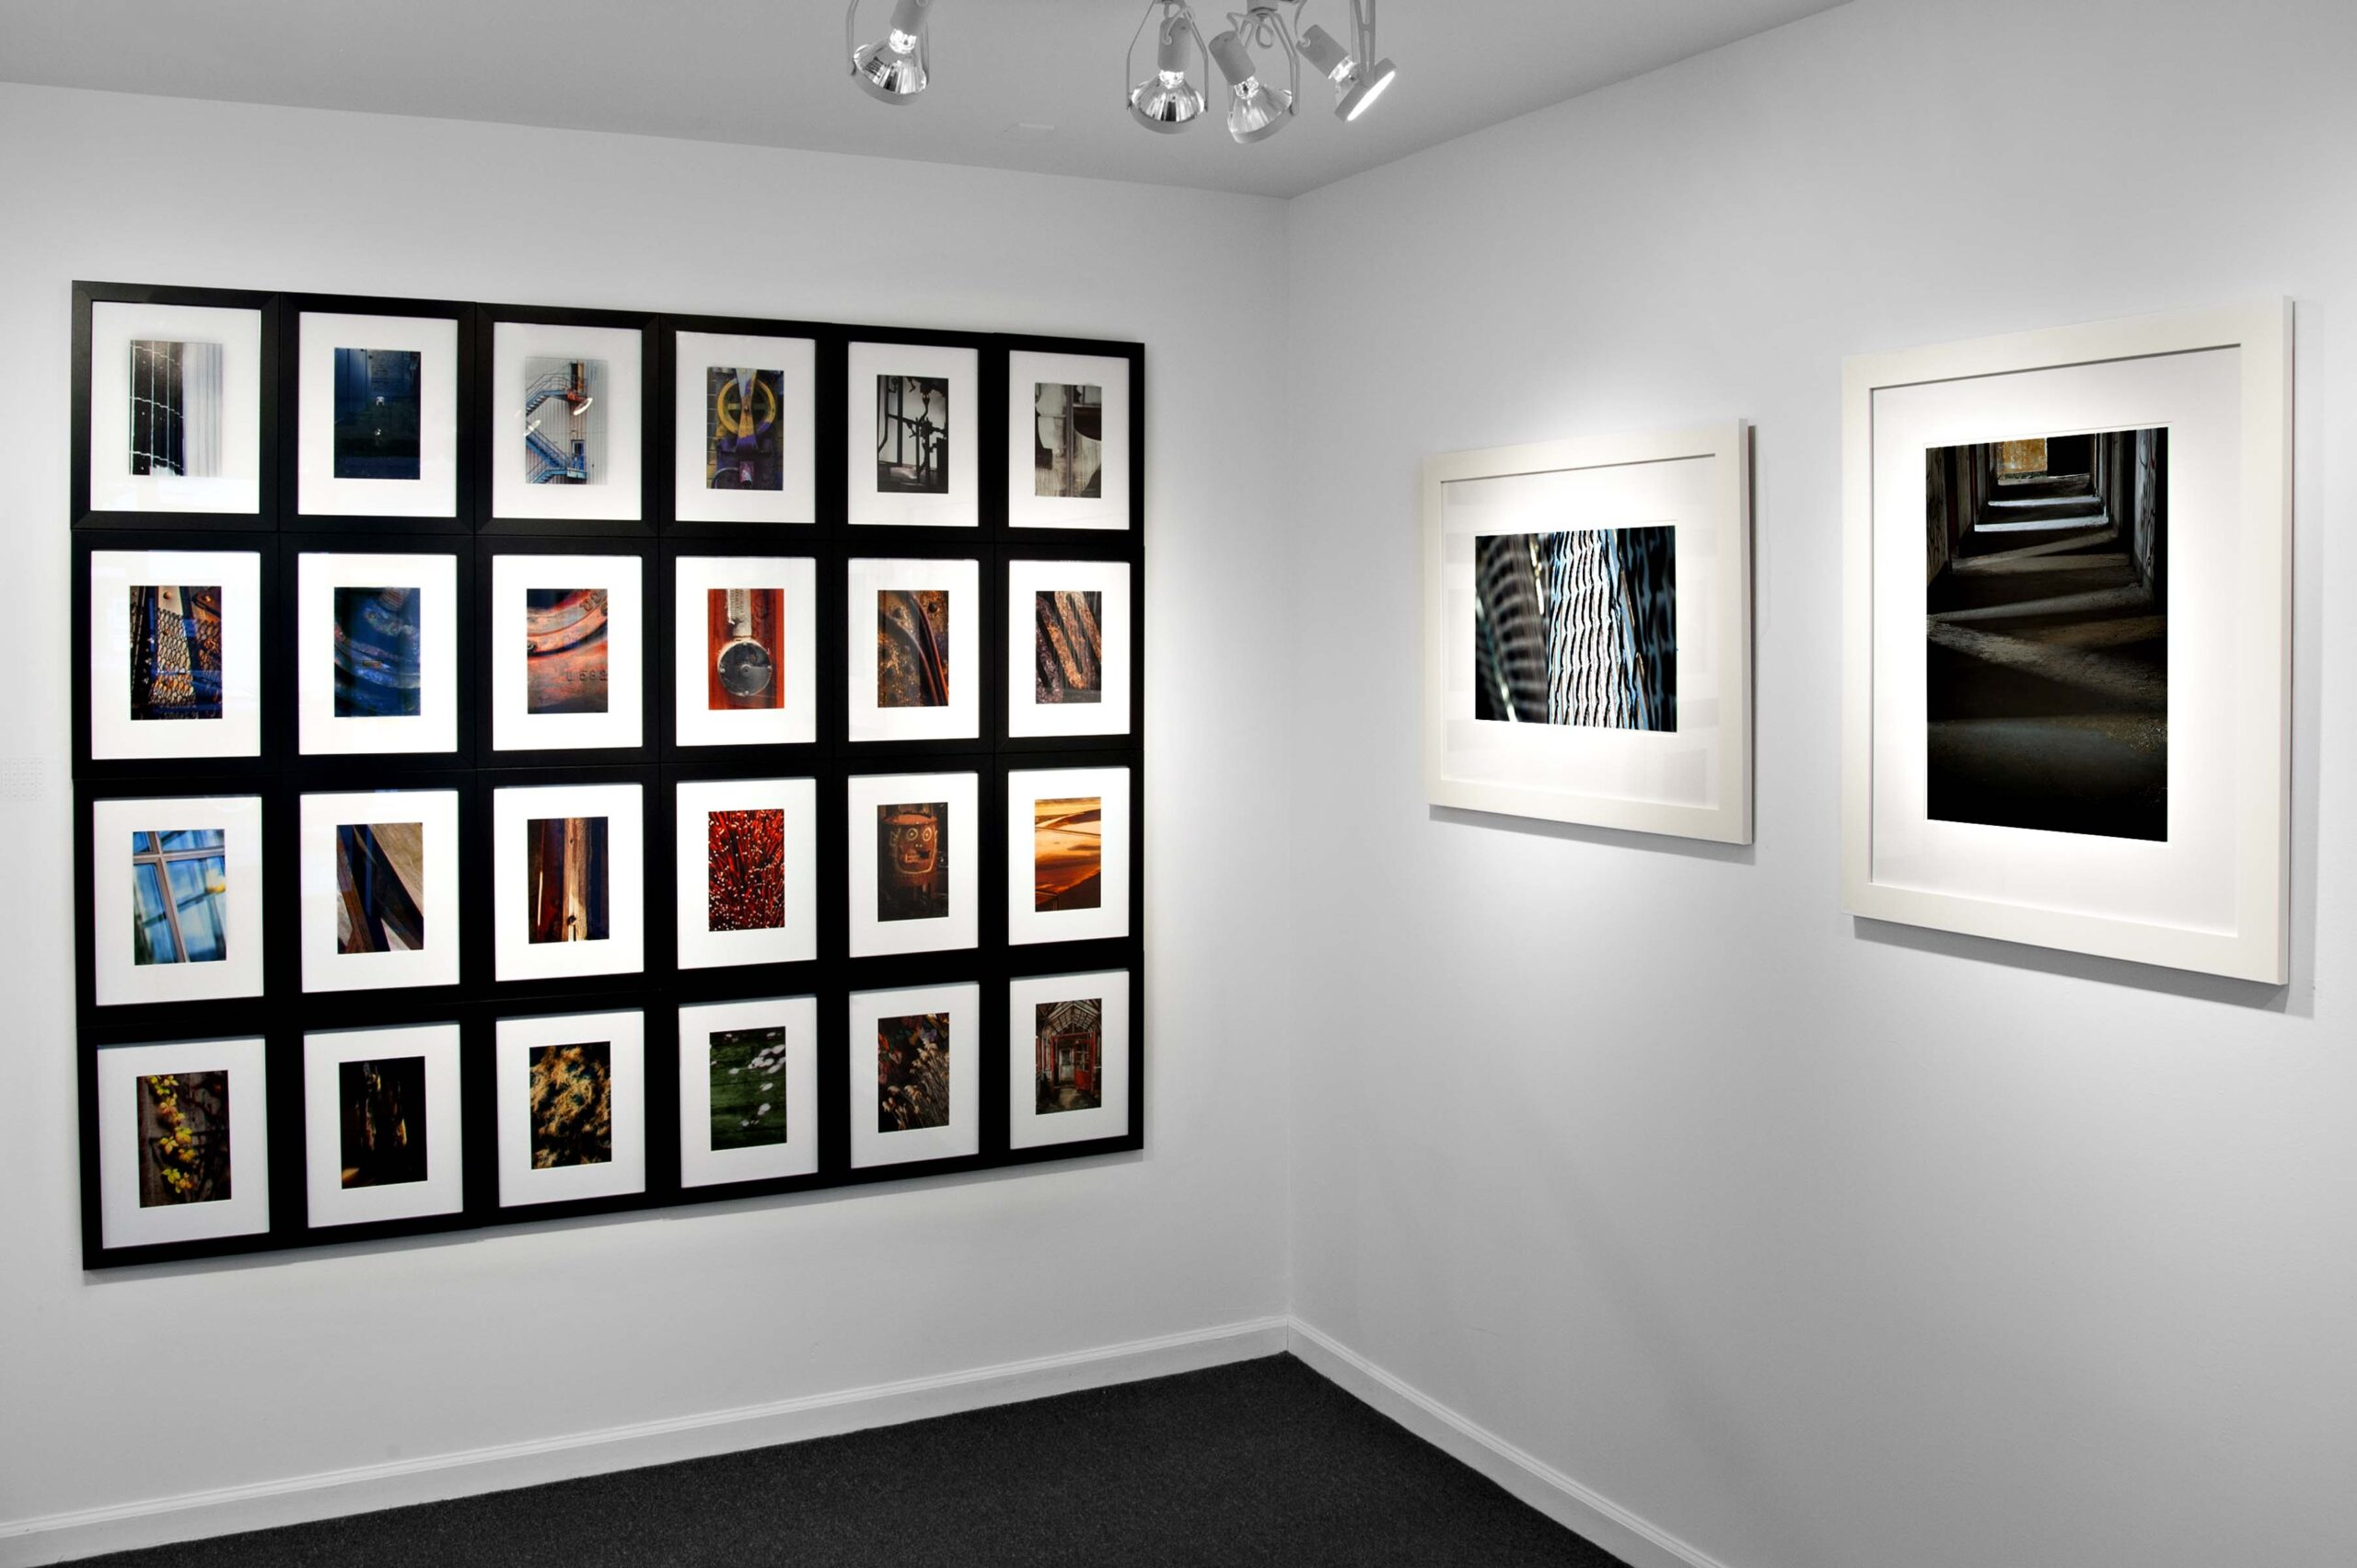 Urban Landscape, Upstream Gallery Exhibition